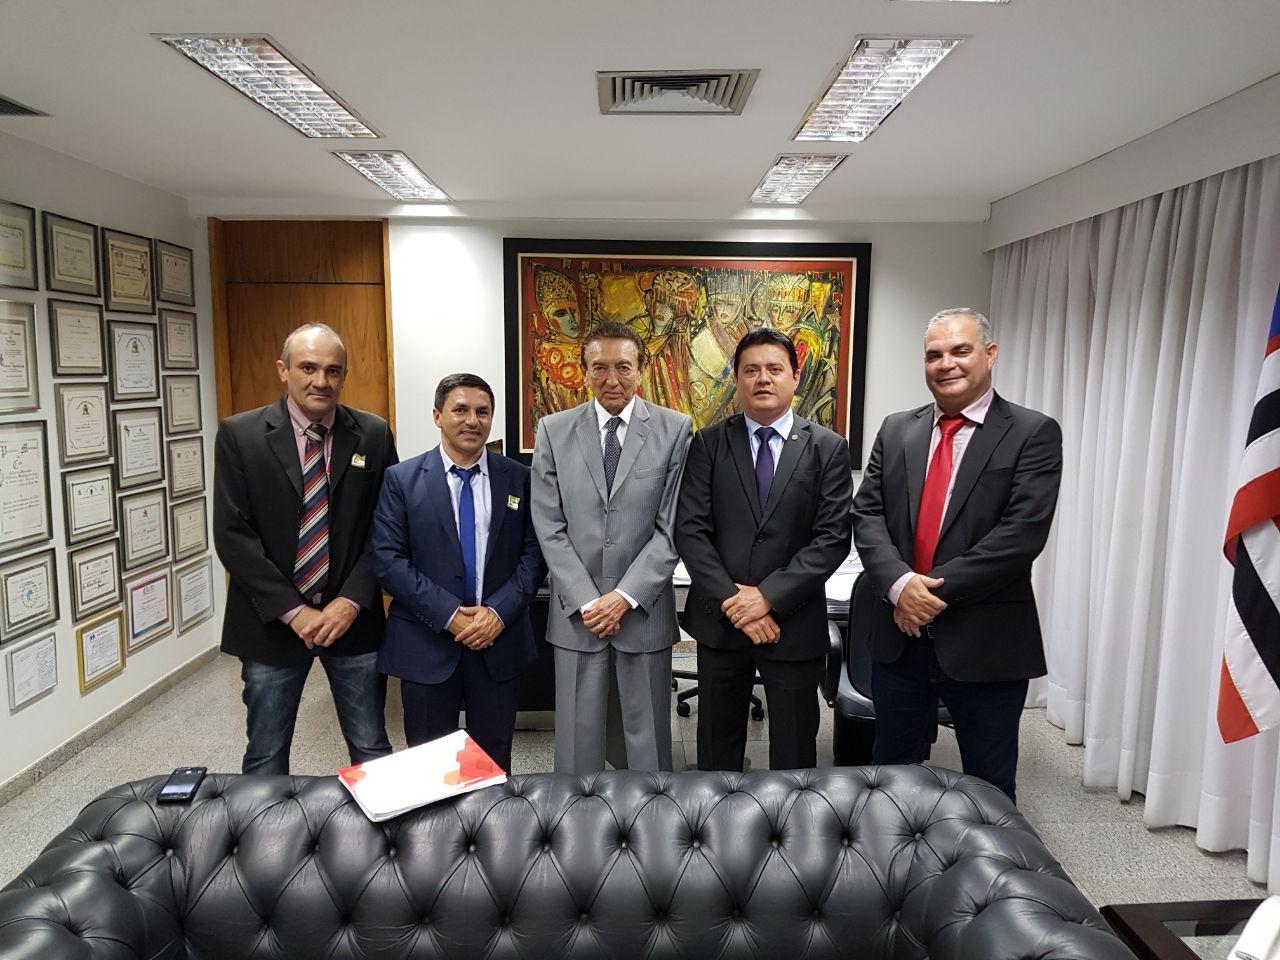 ff - Rigo Teles na companhia de prefeitos, participa de encontro com Lobão em Brasília - minuto barra